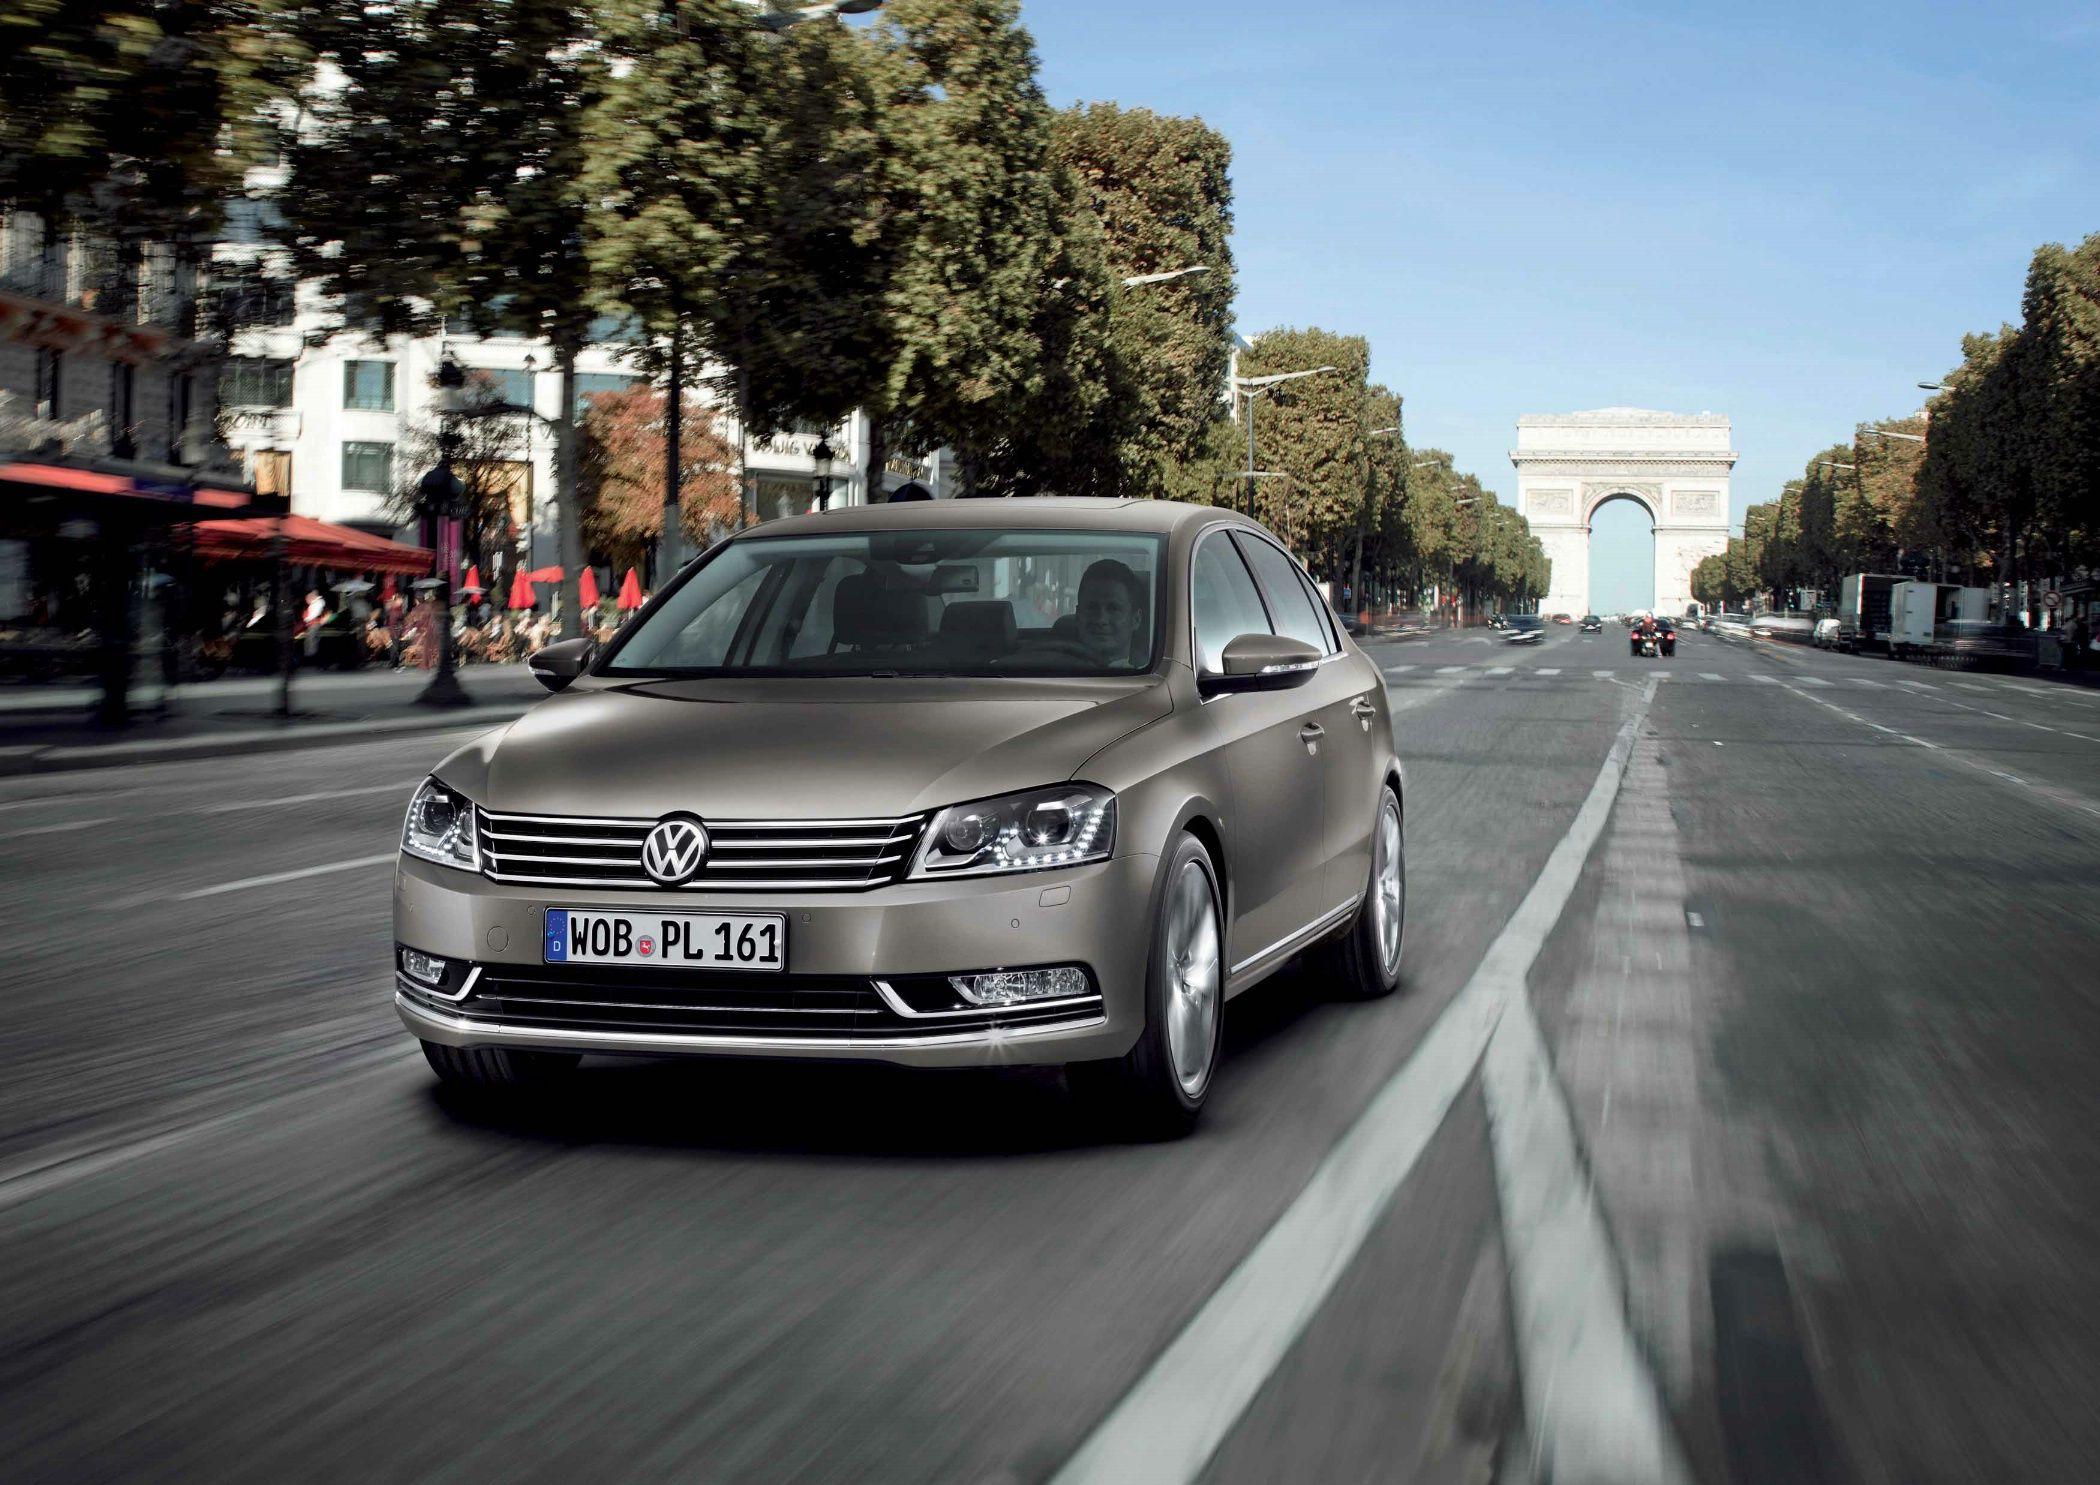 Nuova Volkswagen Passat: consumi da 4,1 l/100 km e design del frontale in stile Phaeton